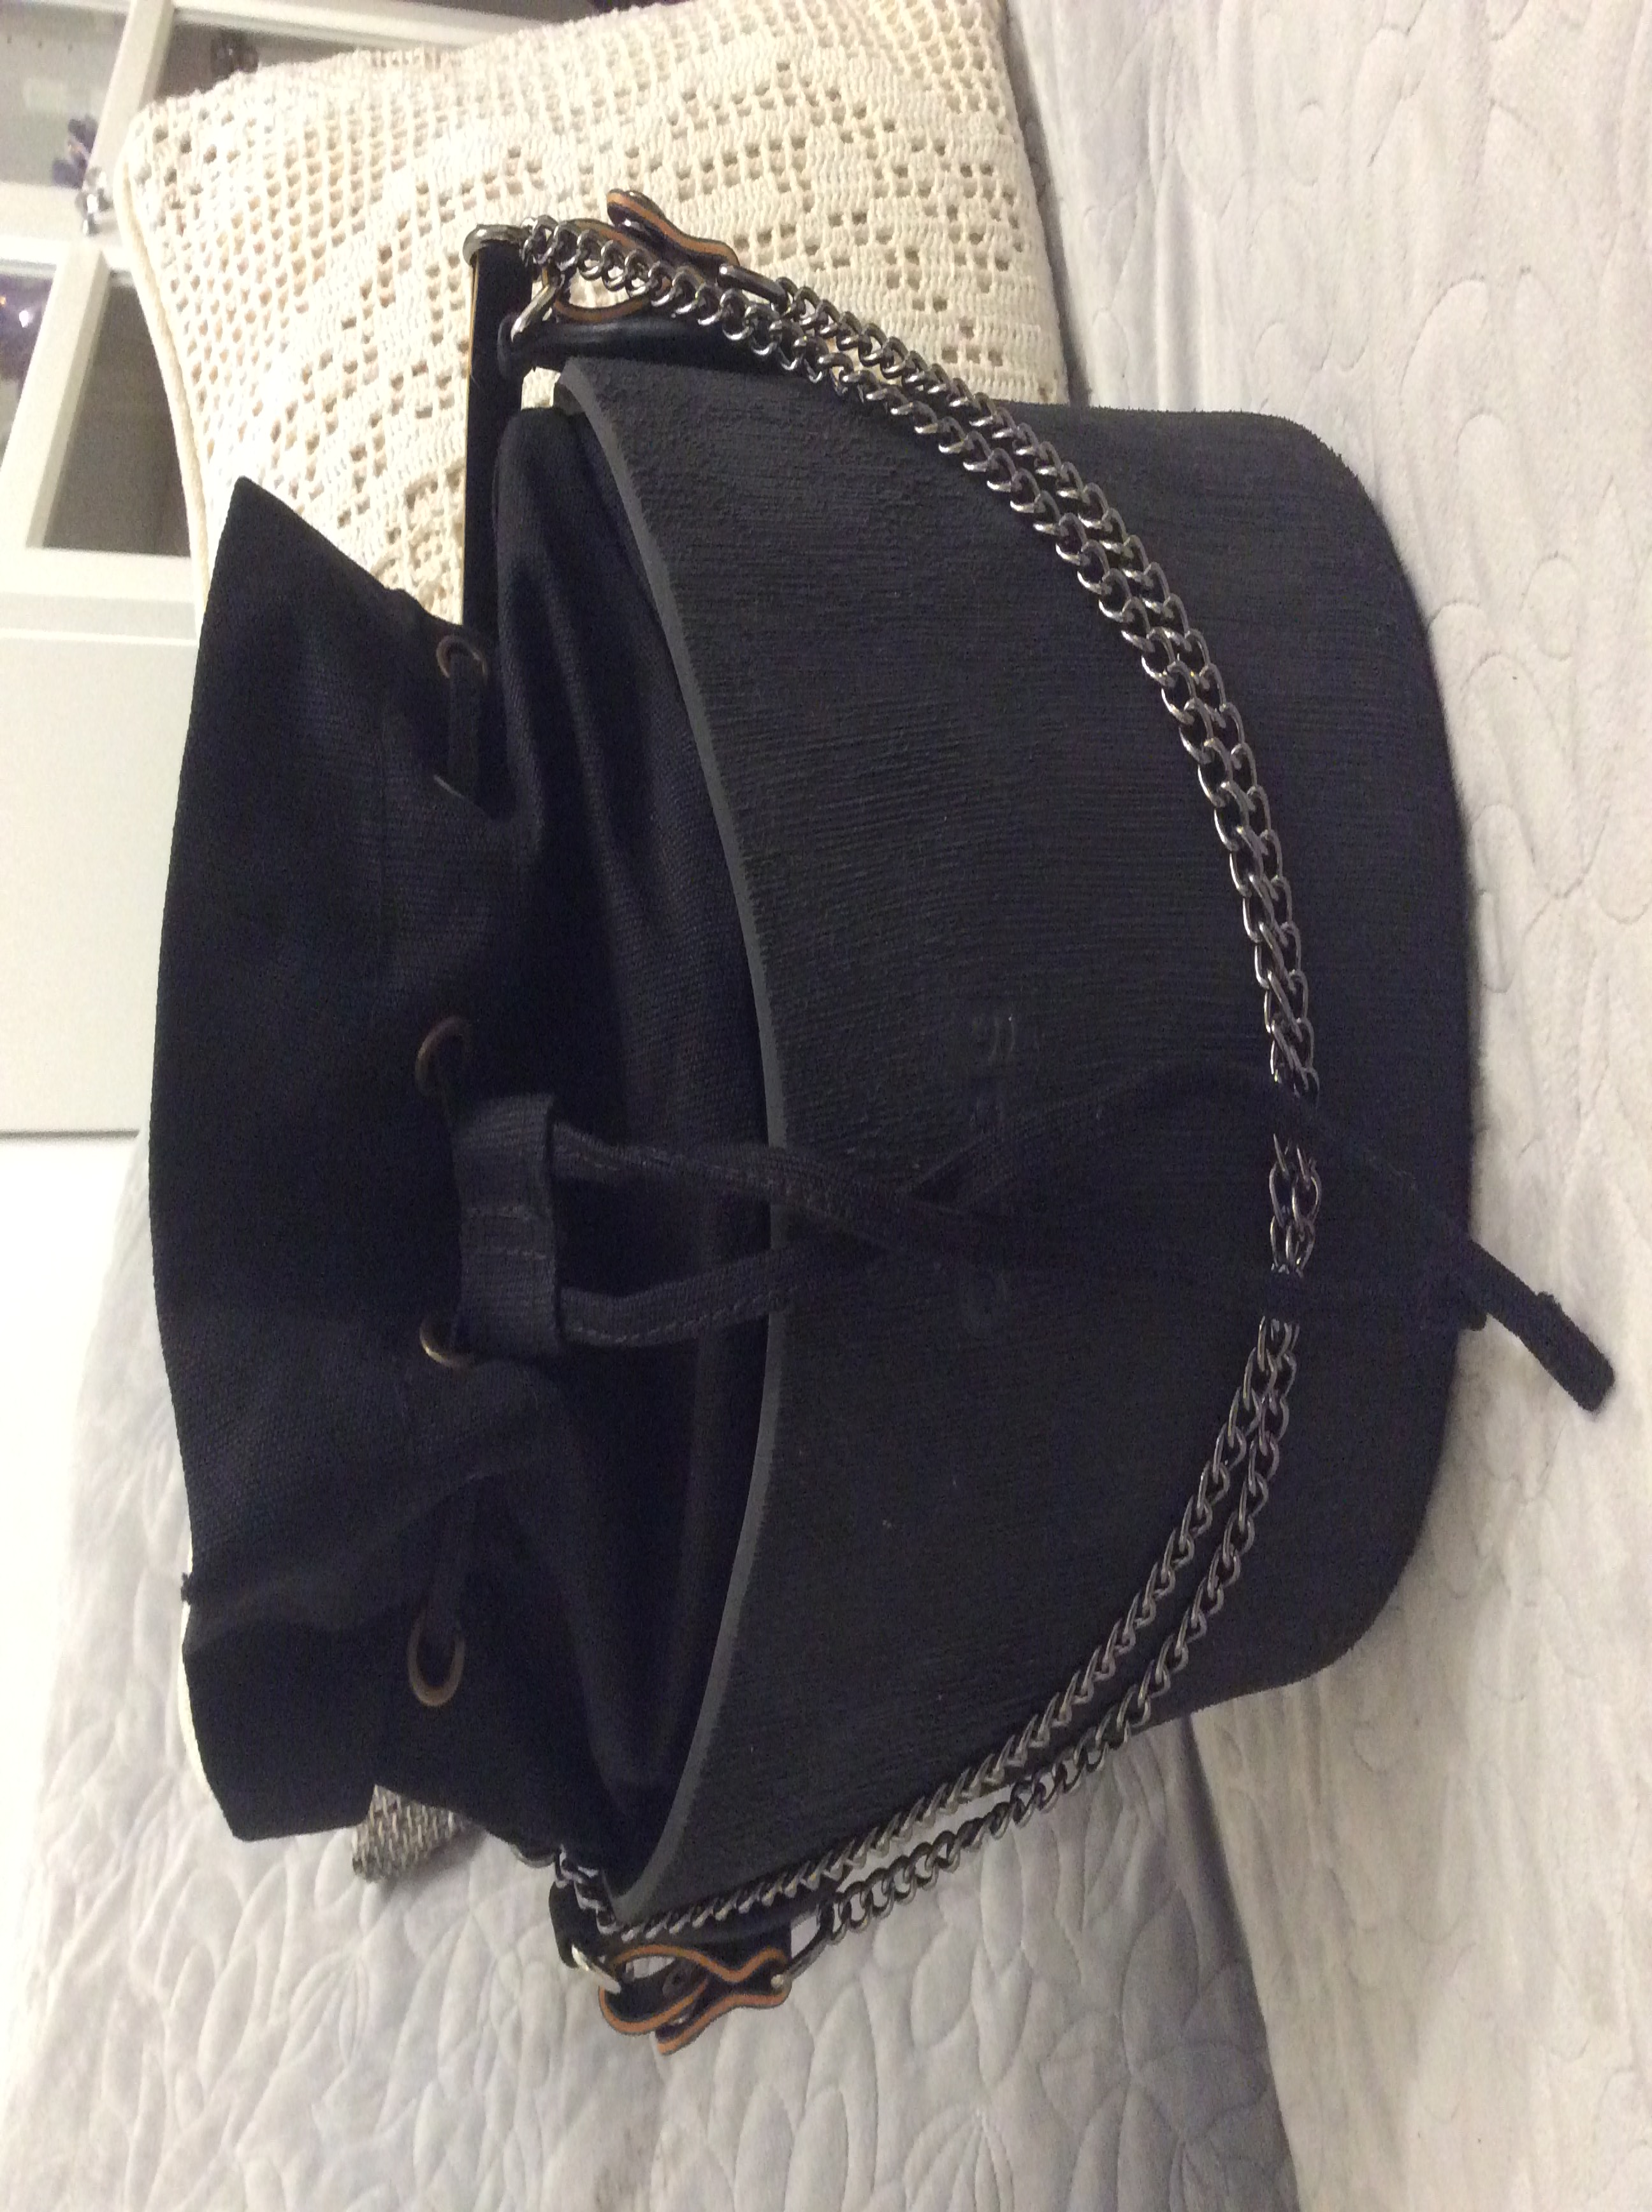 tanqu Obag New Gun zwart metaal Lange korte schoudertas ketting met zwarte kunstleer Strap Clip sluiting voor OPocket O Bag photo review